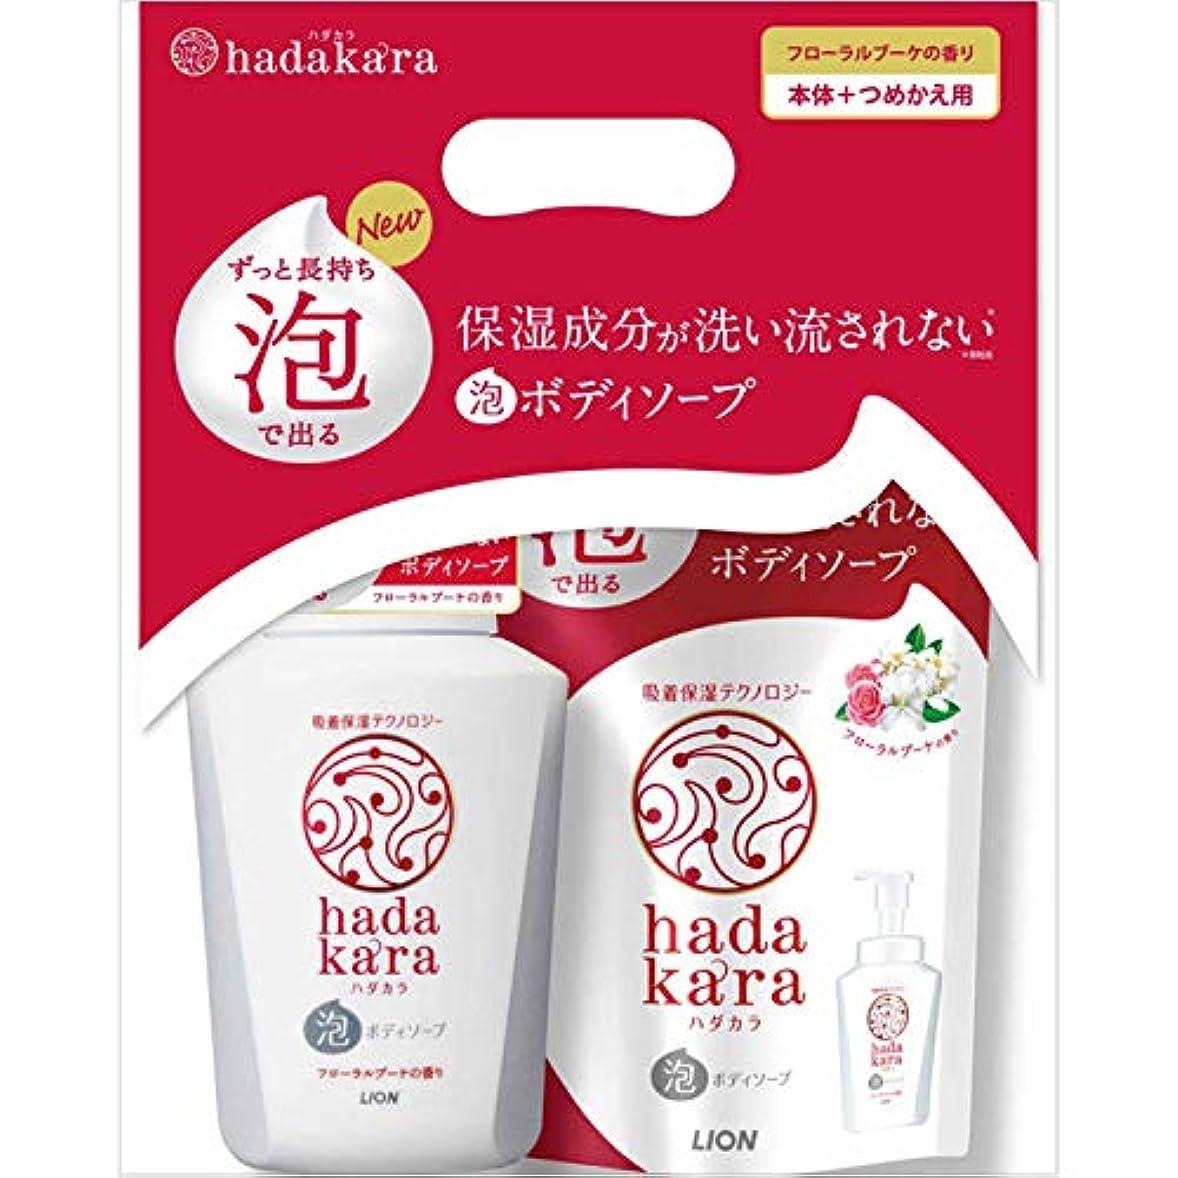 屋内絶望的なエンジニアリングライオン hadakara泡タイプ 本体+詰替ペアパック フローラルブーケの香り セット